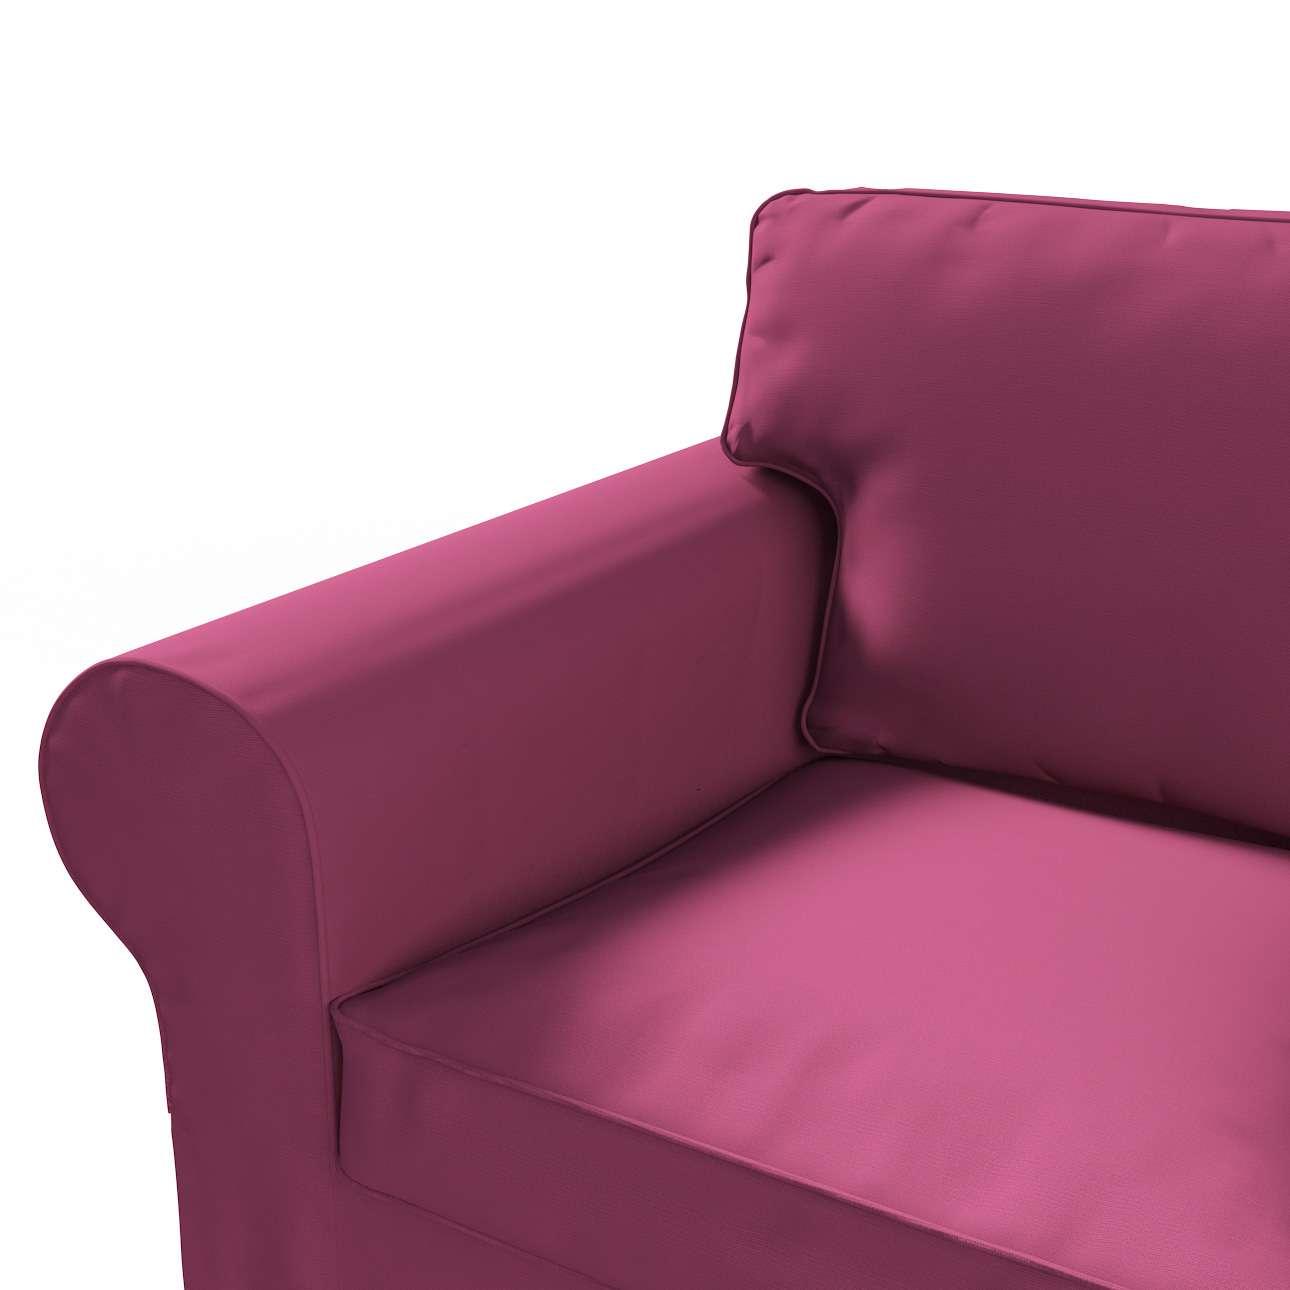 Pokrowiec na sofę Ektorp 2-osobową rozkładana NOWY MODEL 2012 sofa ektorp 2-osobowa rozkładana NOWY MODEL w kolekcji Cotton Panama, tkanina: 702-32